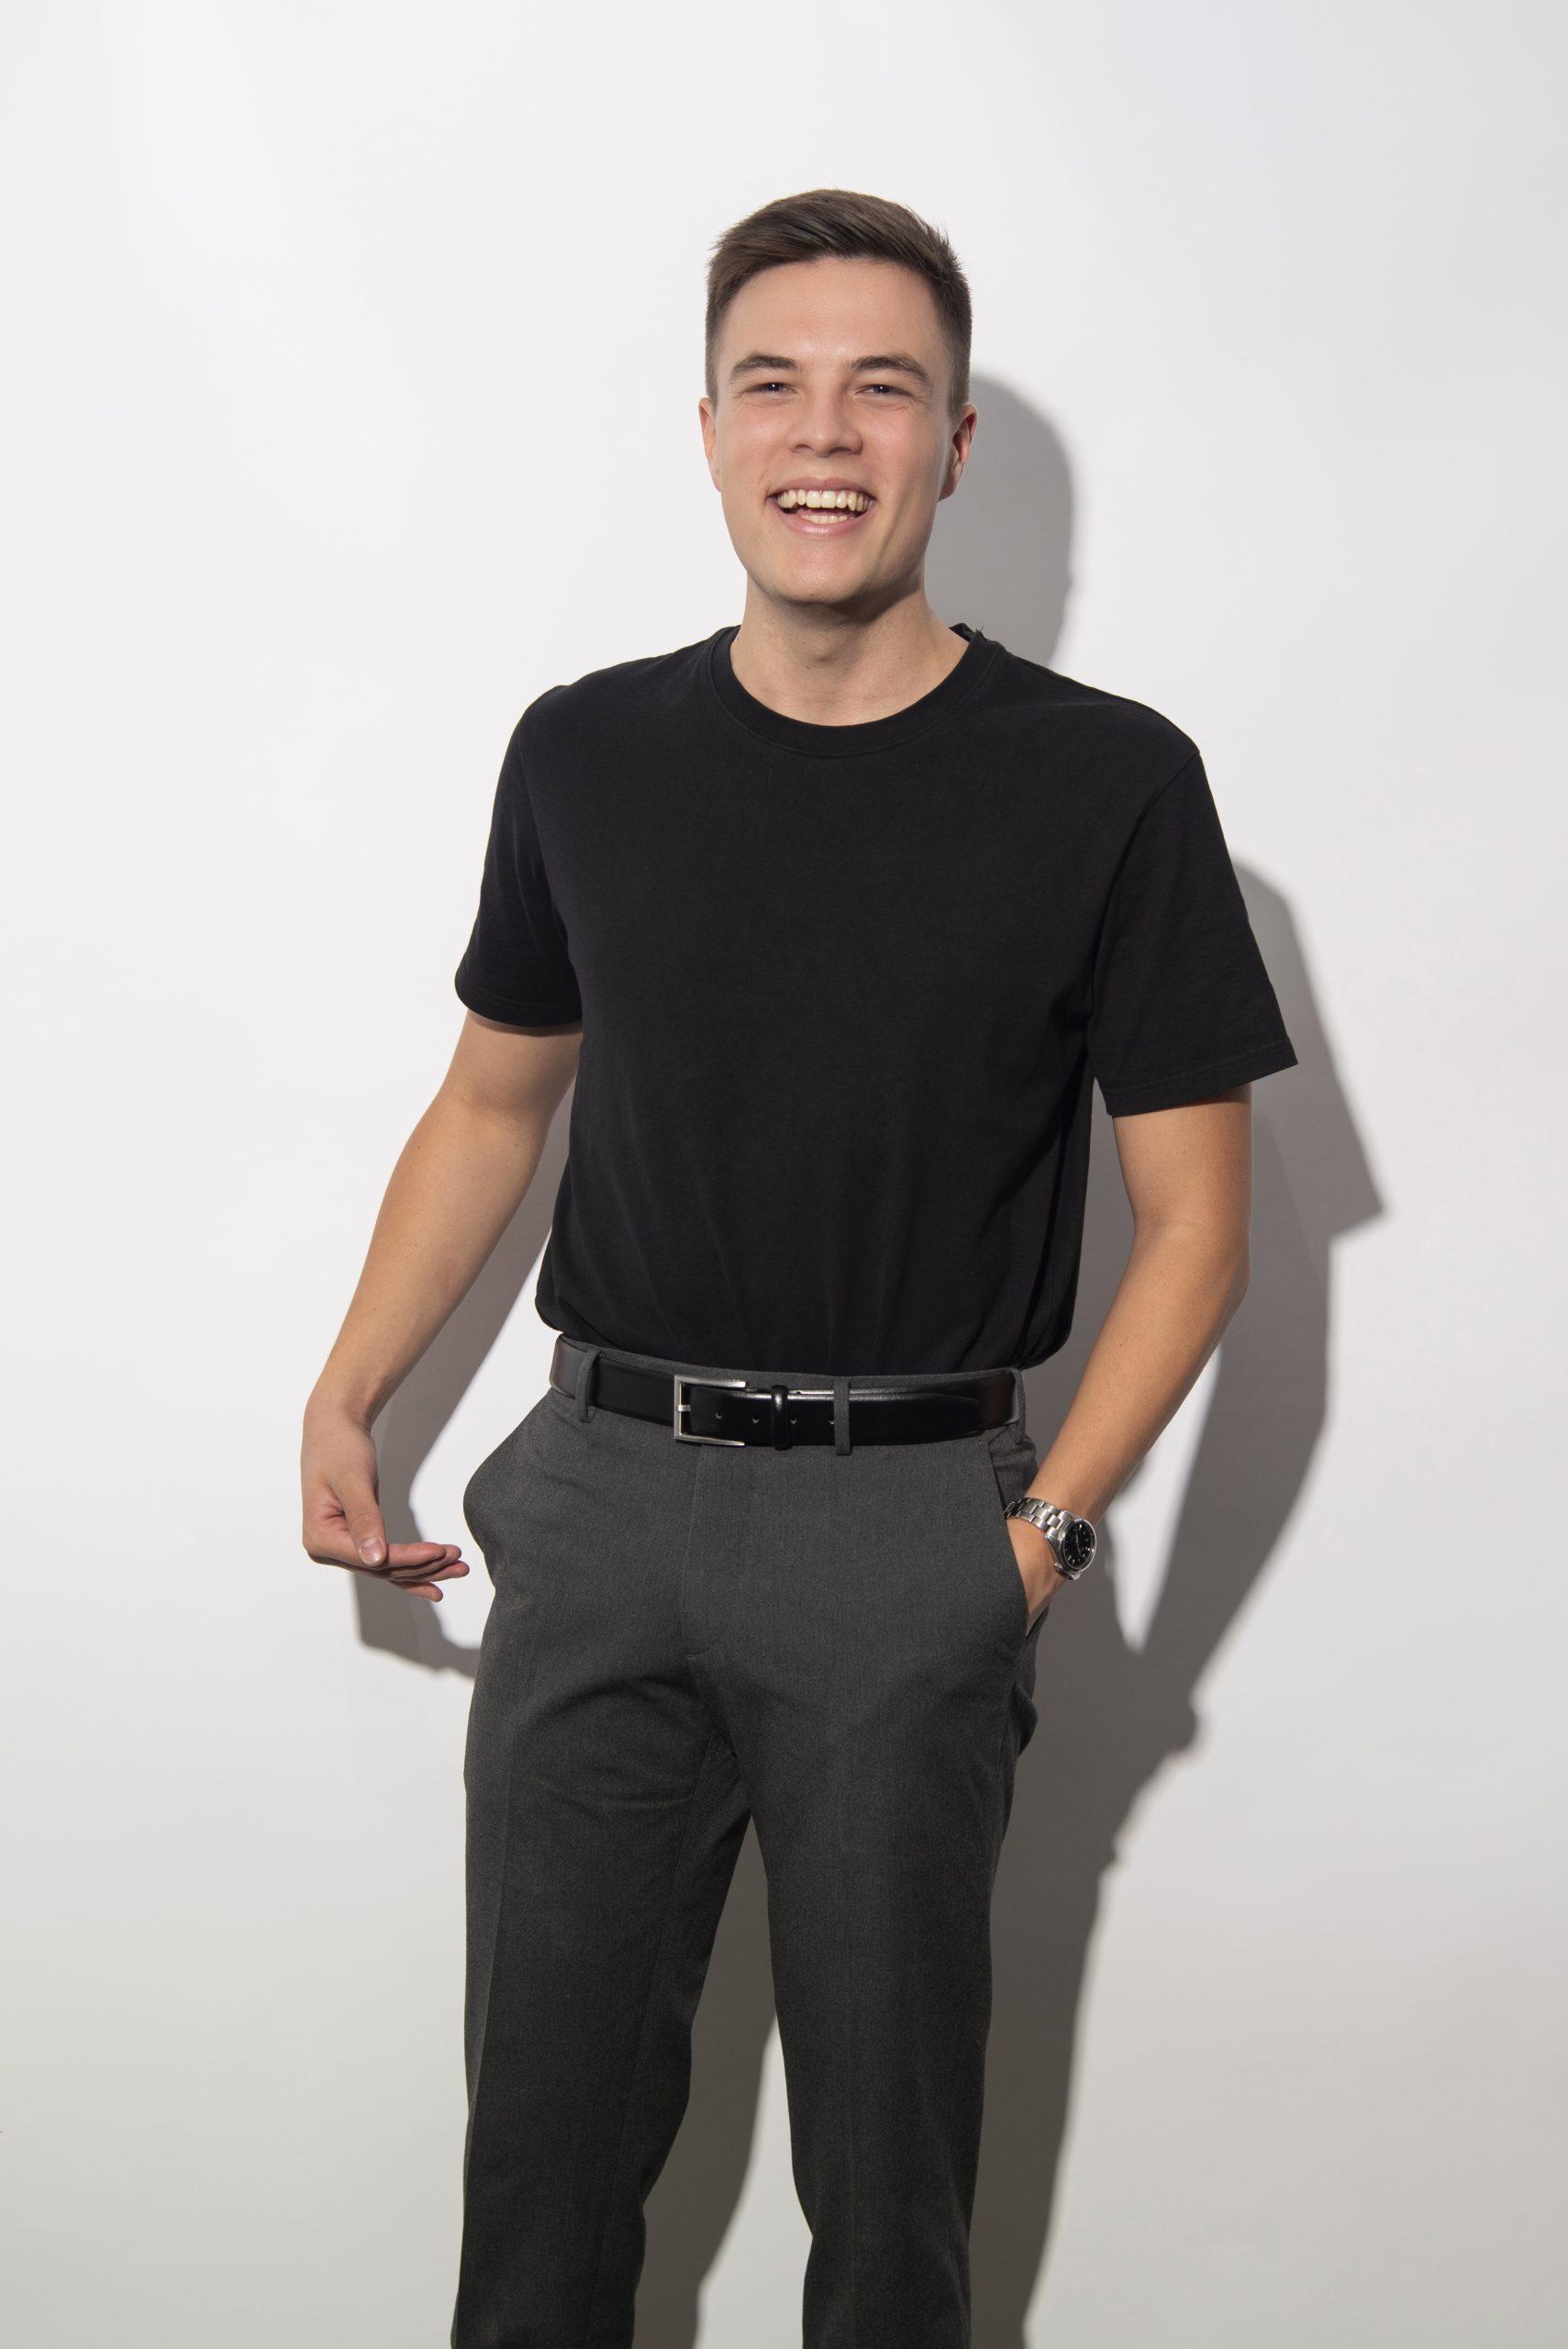 Philipp Ober